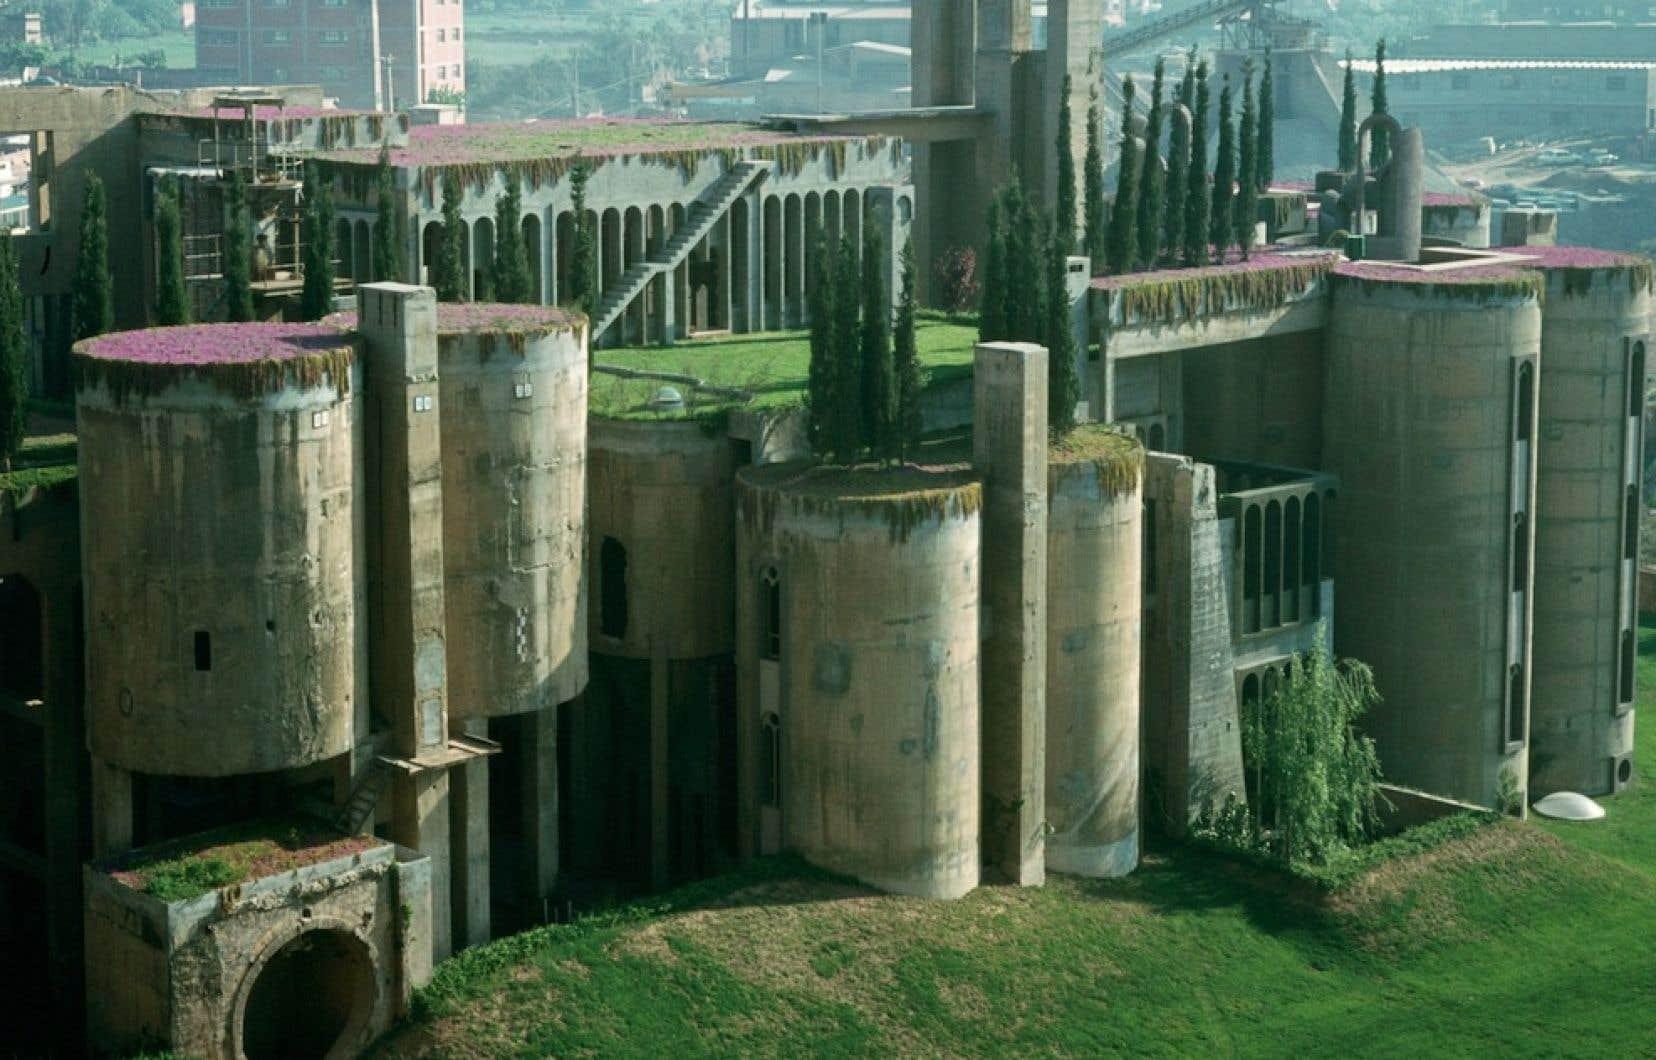 La Fabrica, ancienne cimenterie reconvertie en bureaux et résidences.